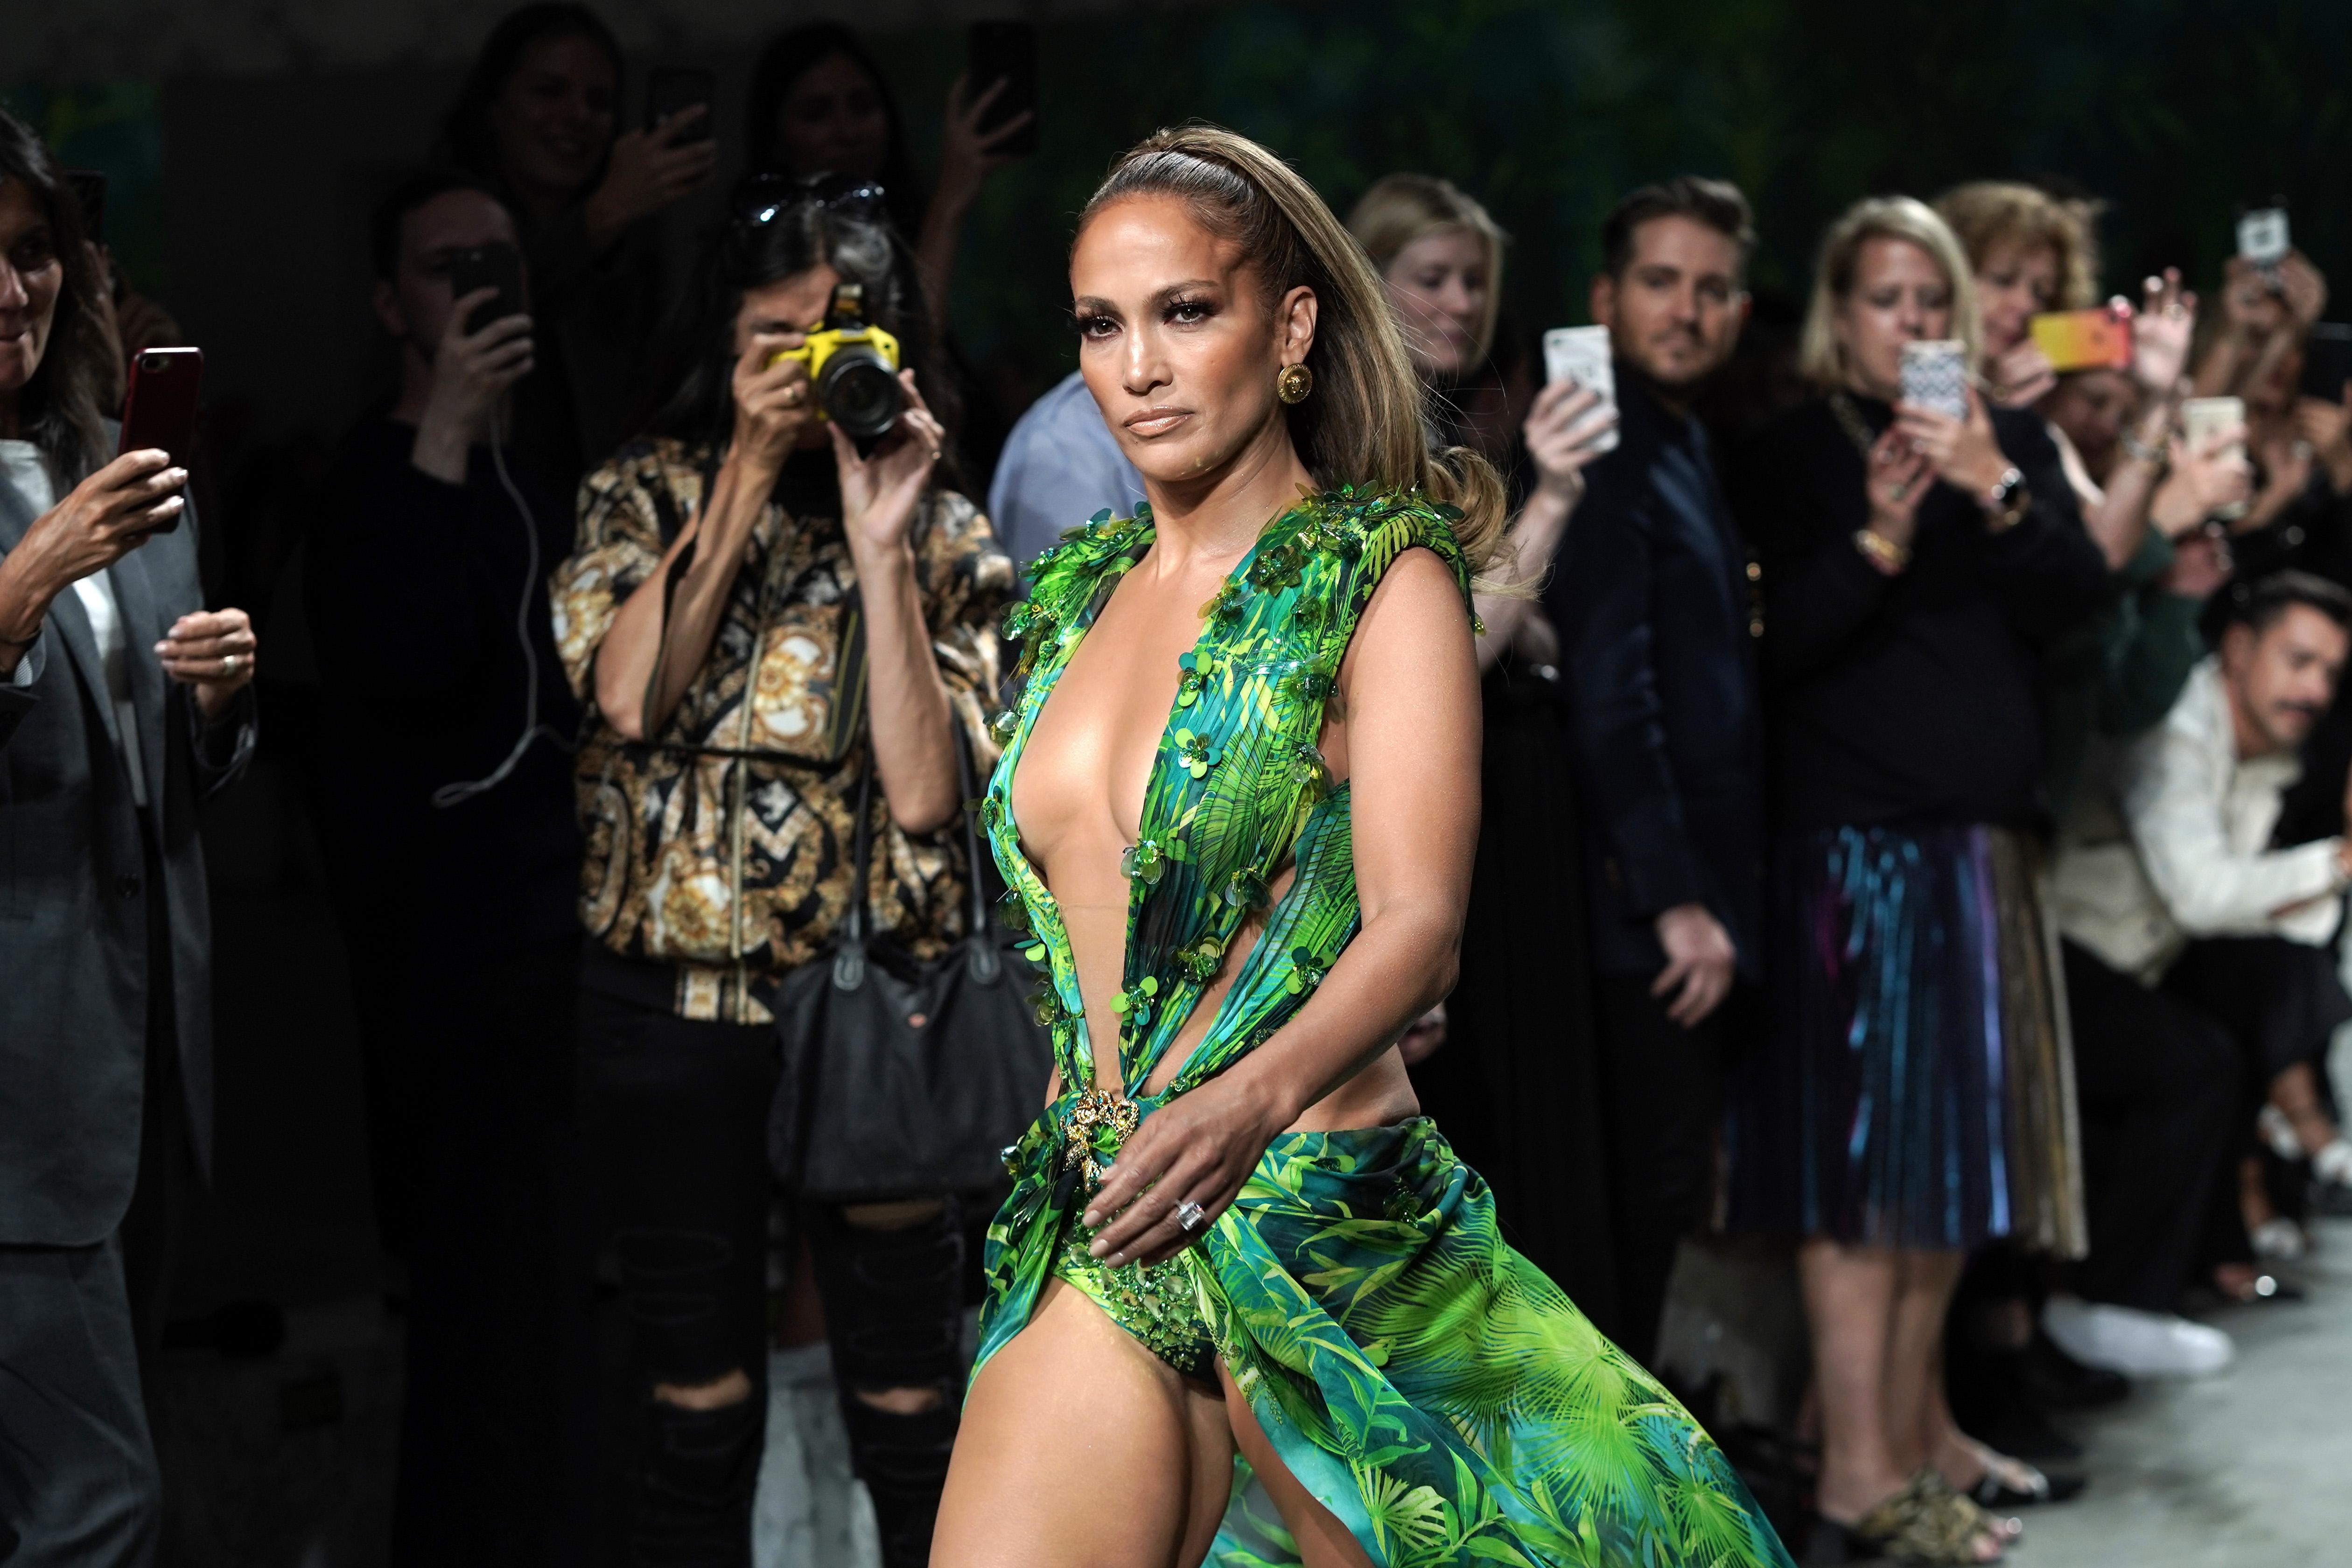 За закриването на пролетно-лятното дефиле на Versace за 2020-та година Дженифър Лопес дефилира в интерпретация на небезизвестната зелена рокля, с която се появява за първи път на наградите Grammys през 2000г.